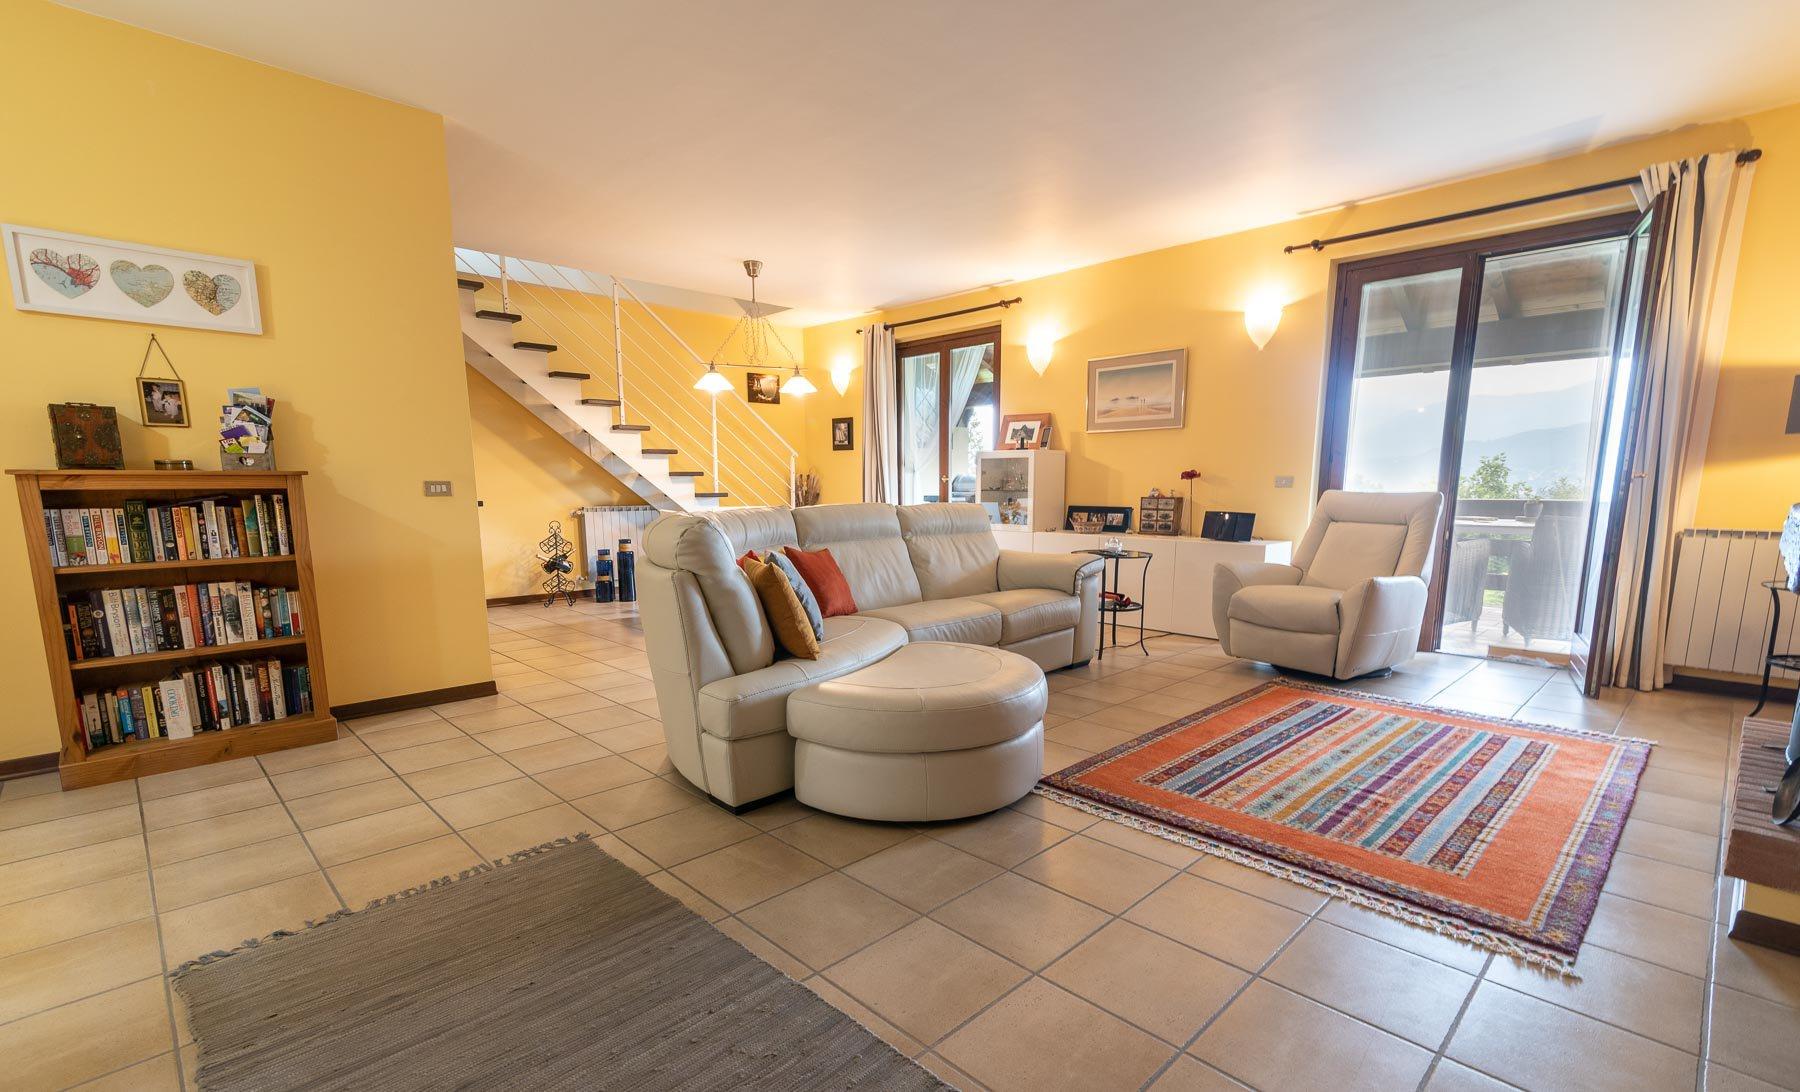 Signorile appartamento in vendita vicino al centro di Stresa